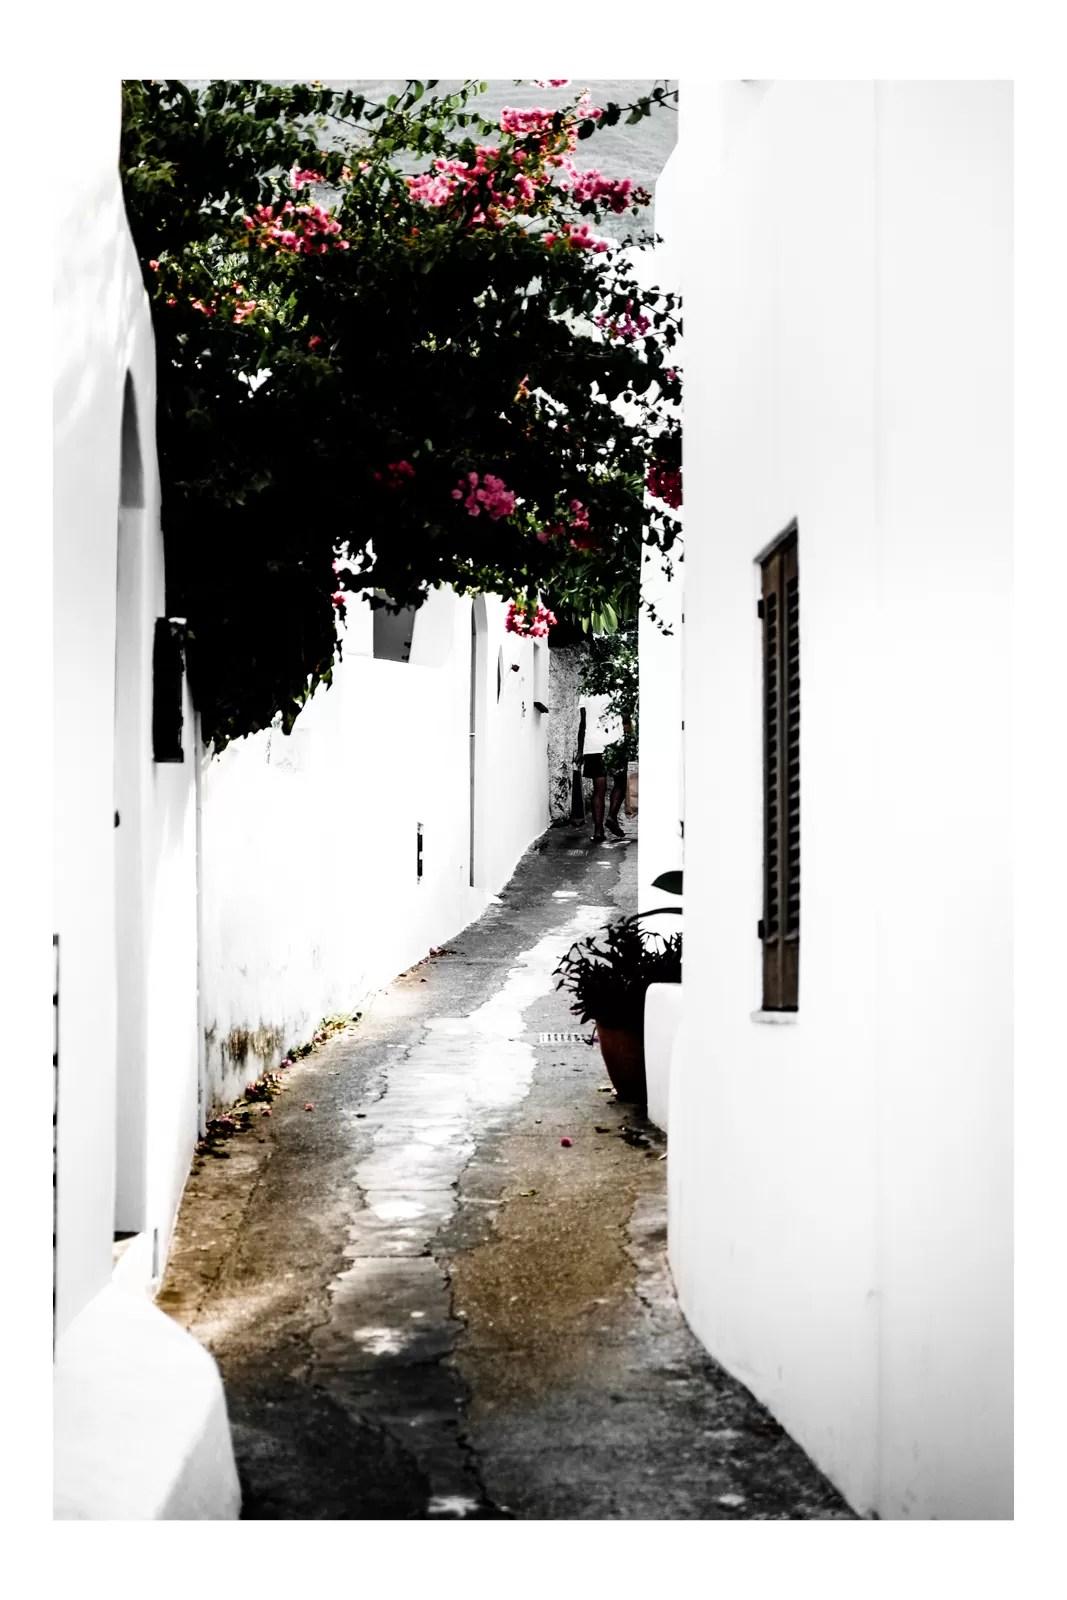 DSCF1435 - Aeolian Style - fotostreet.it